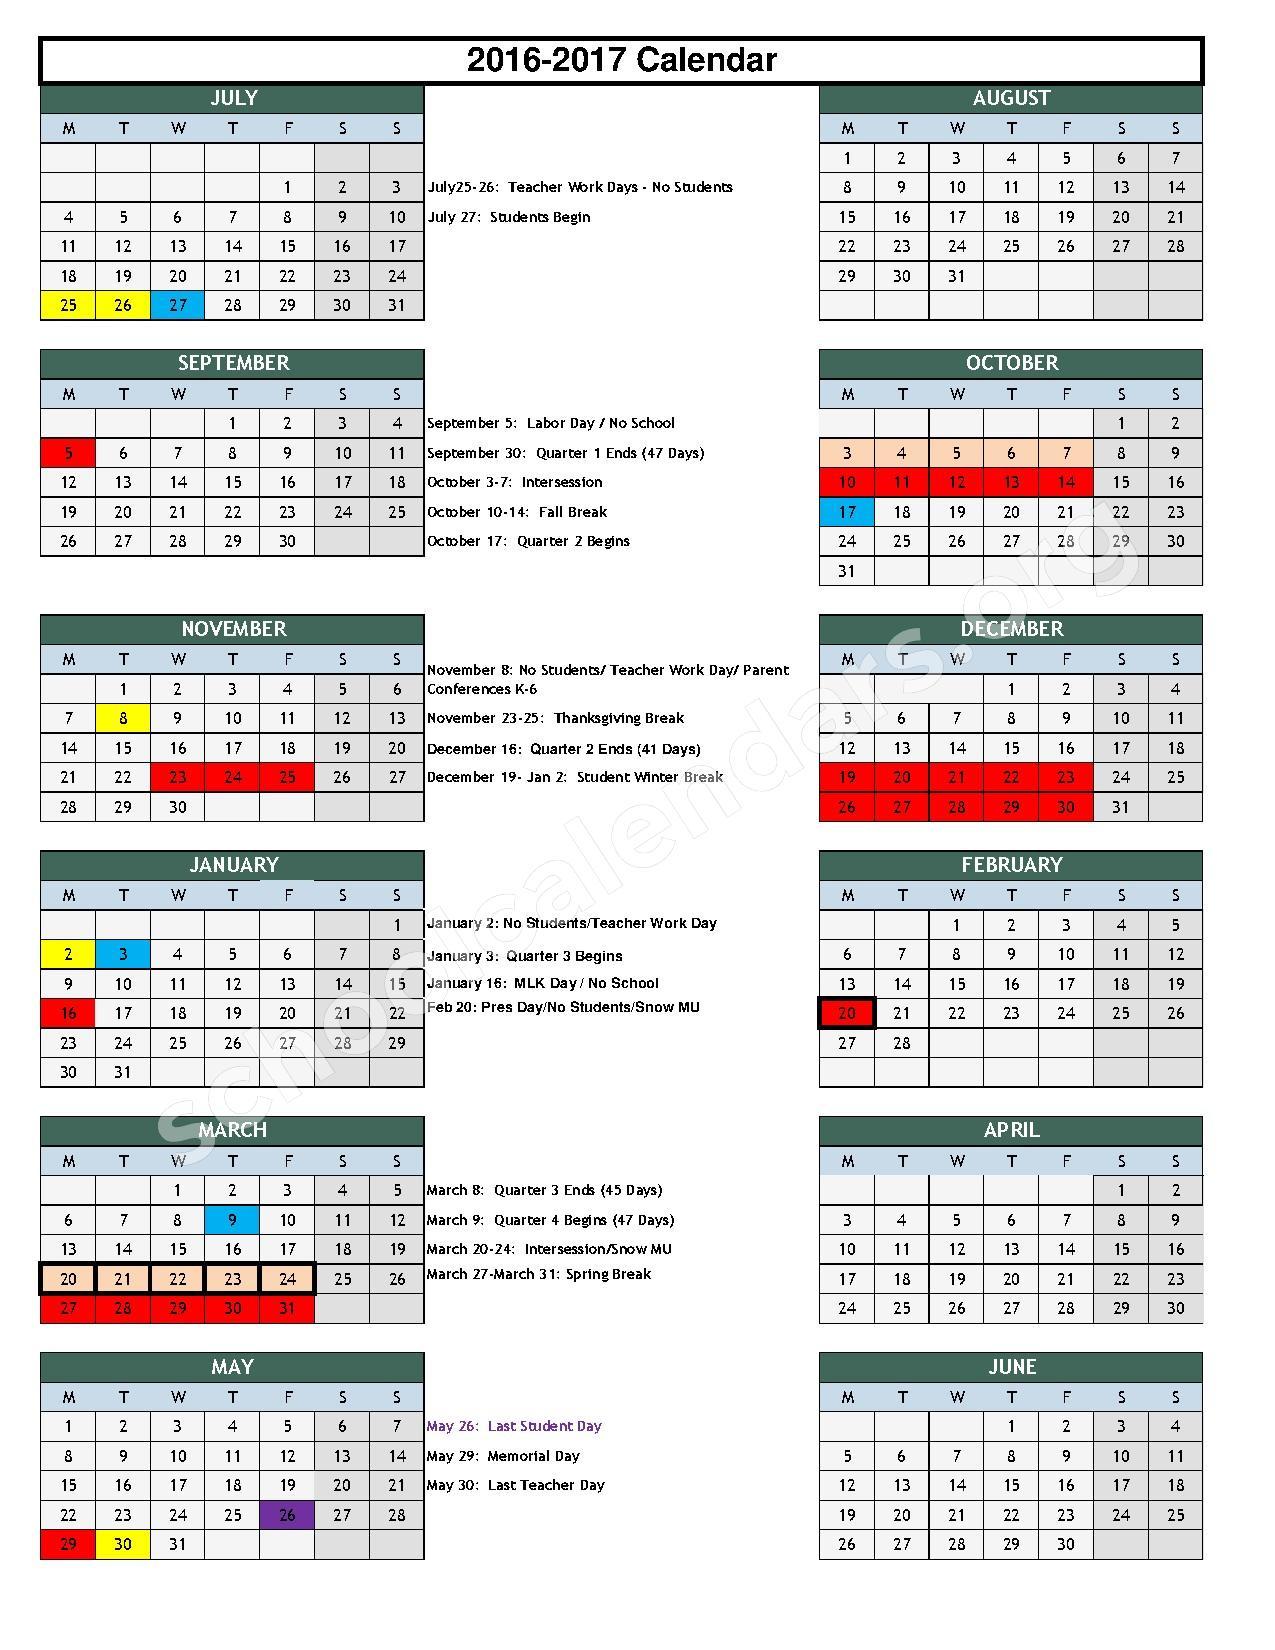 2016 - 2017 School Calendar – S Ellen Jones Elementary School – page 1